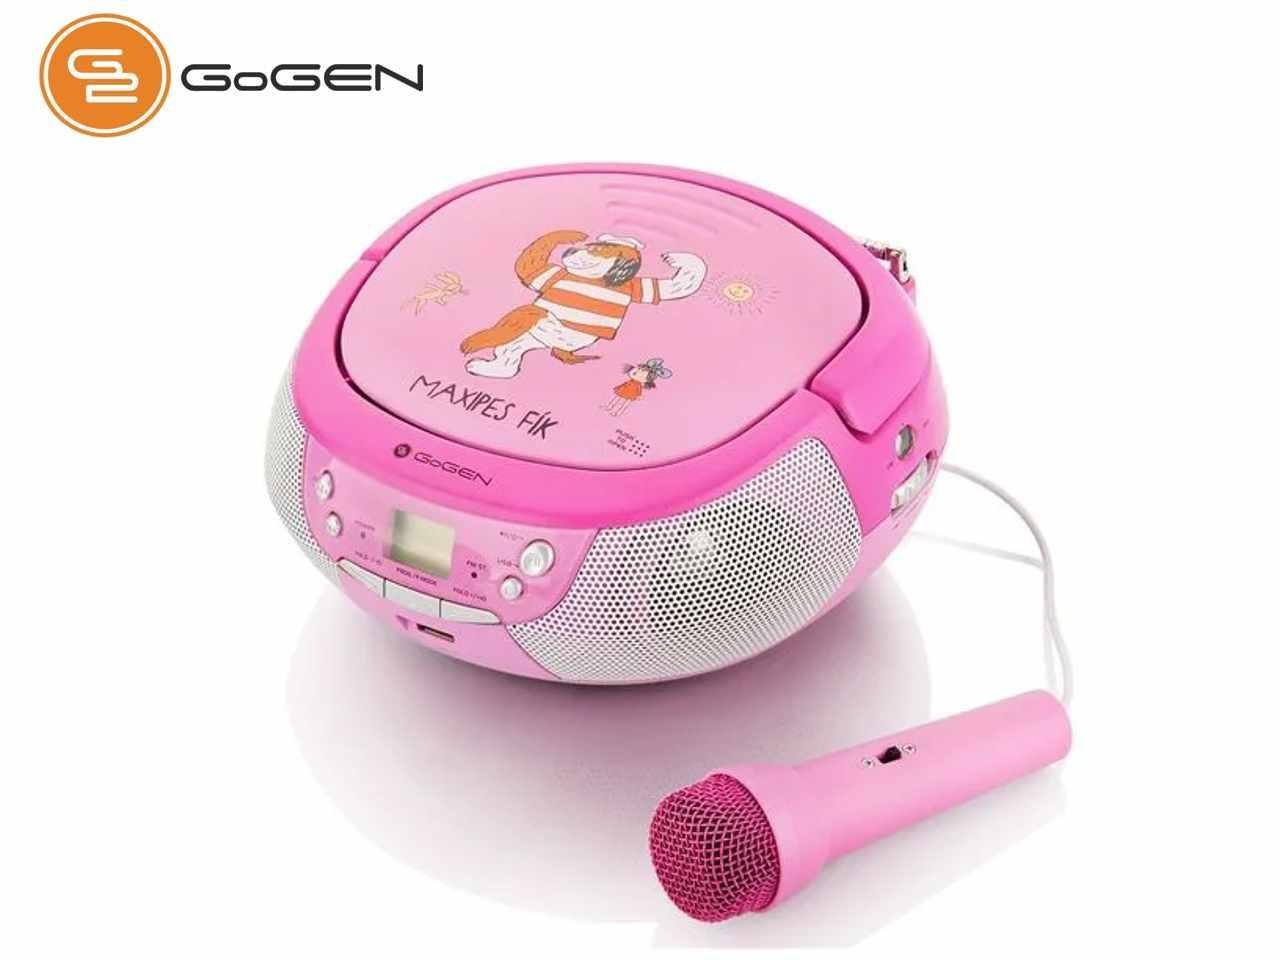 GoGEN Maxi Přehrávač, růžový